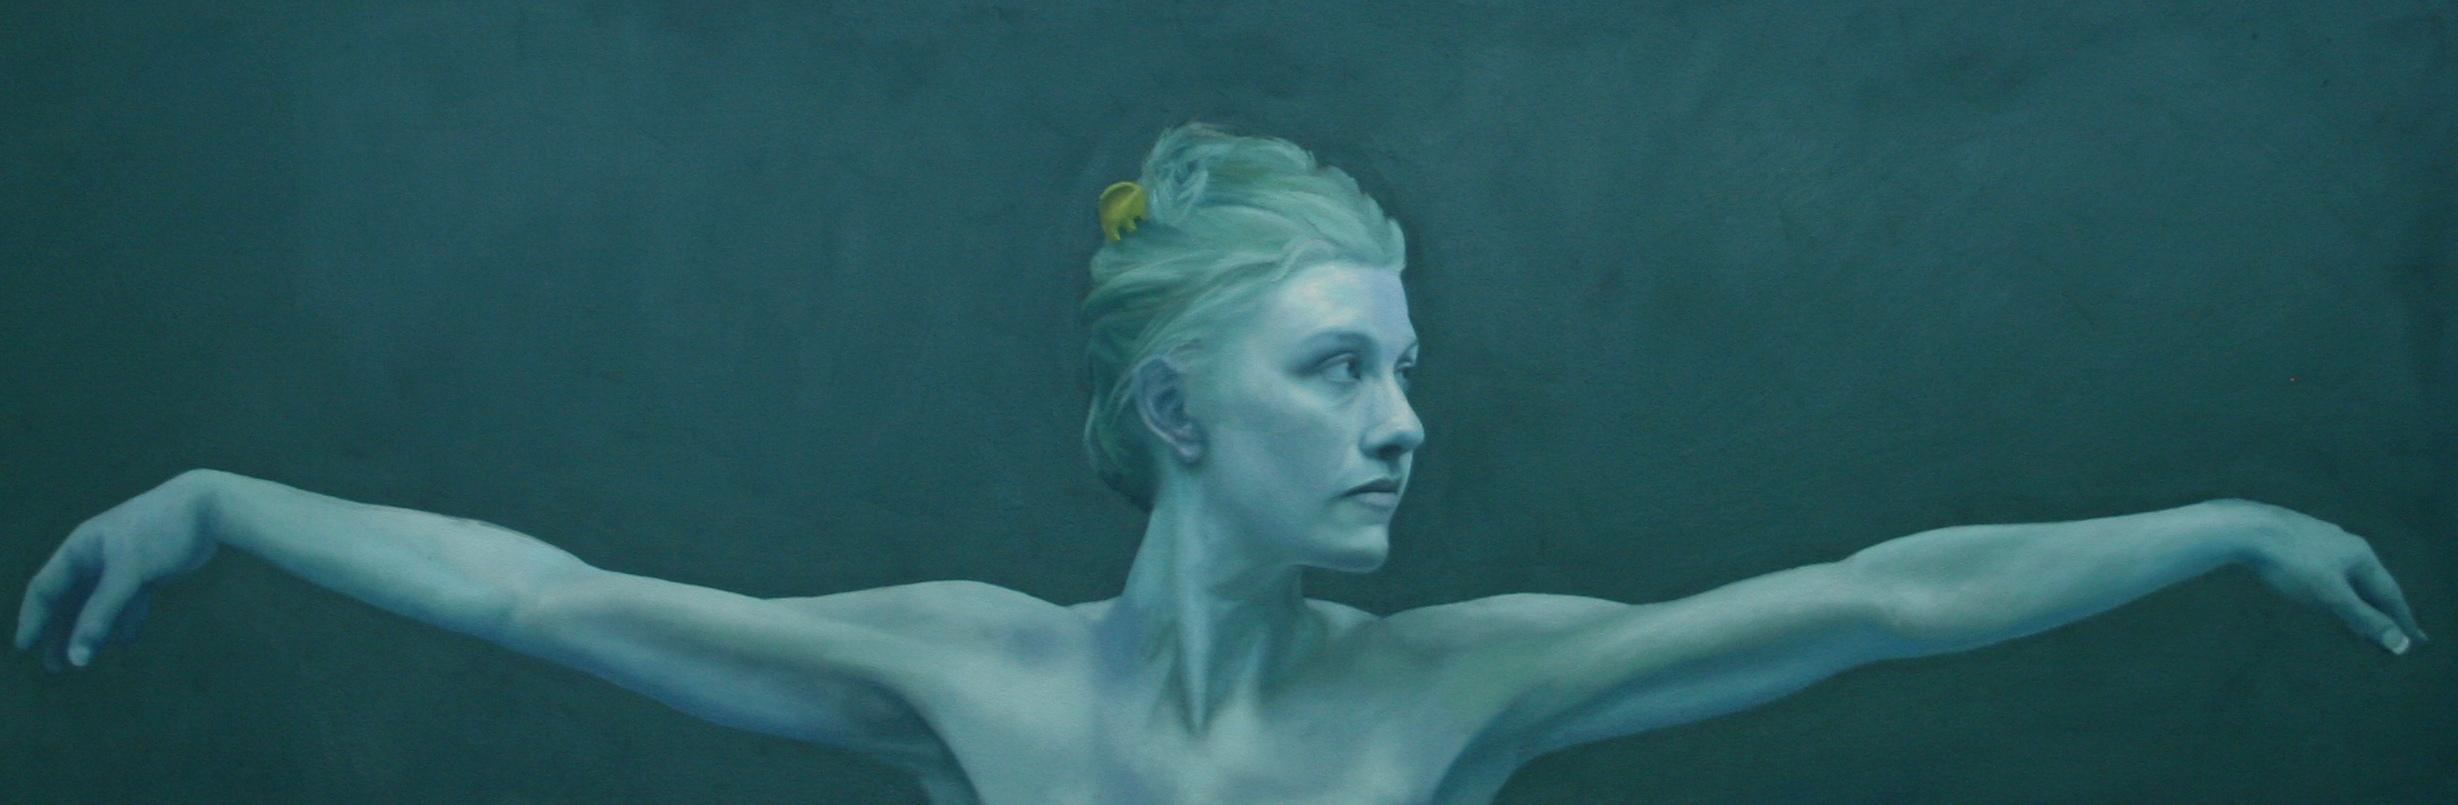 Blue Sister(1).JPG